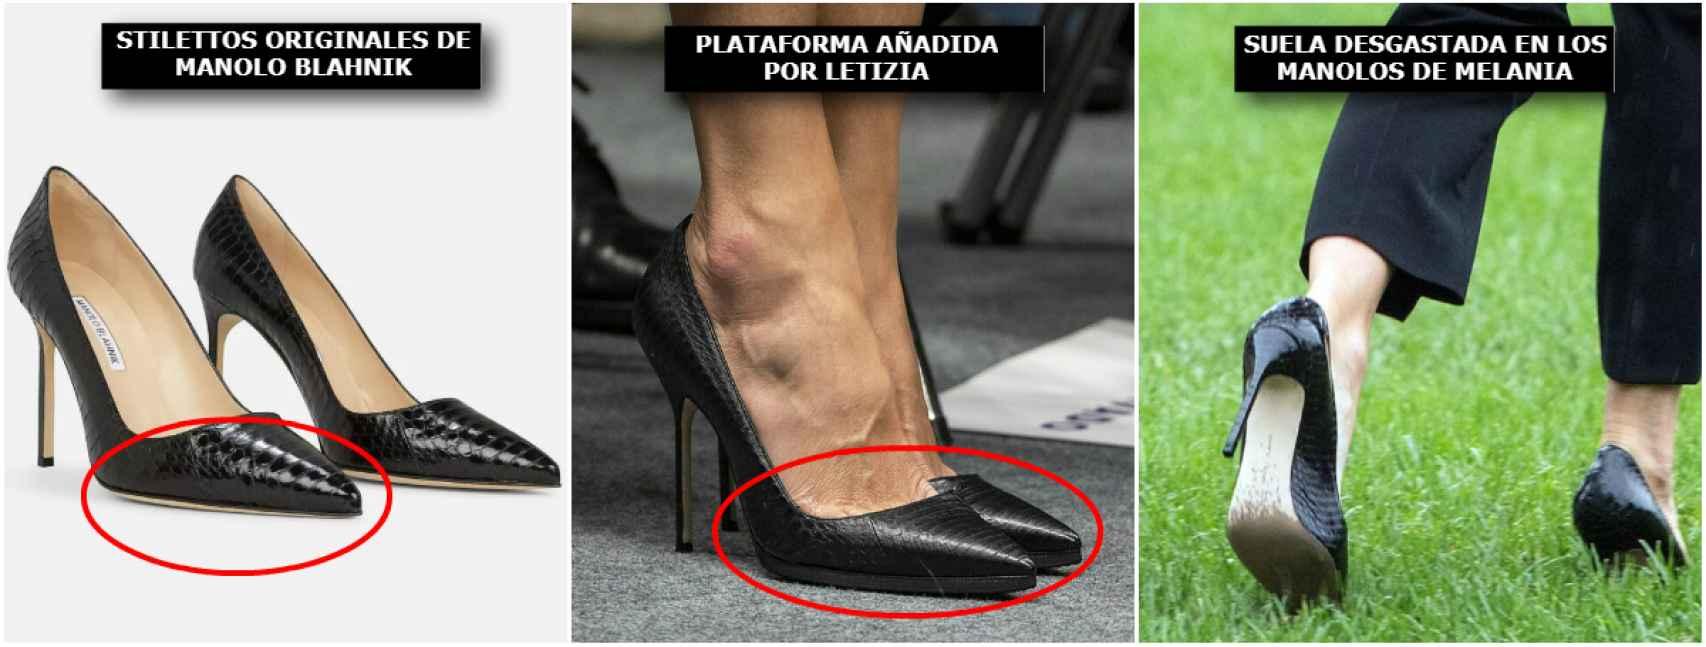 La reina Letizia adapta sus zapatos de tacón para que siempre luzcan impecables y ella pueda ir más cómoda.